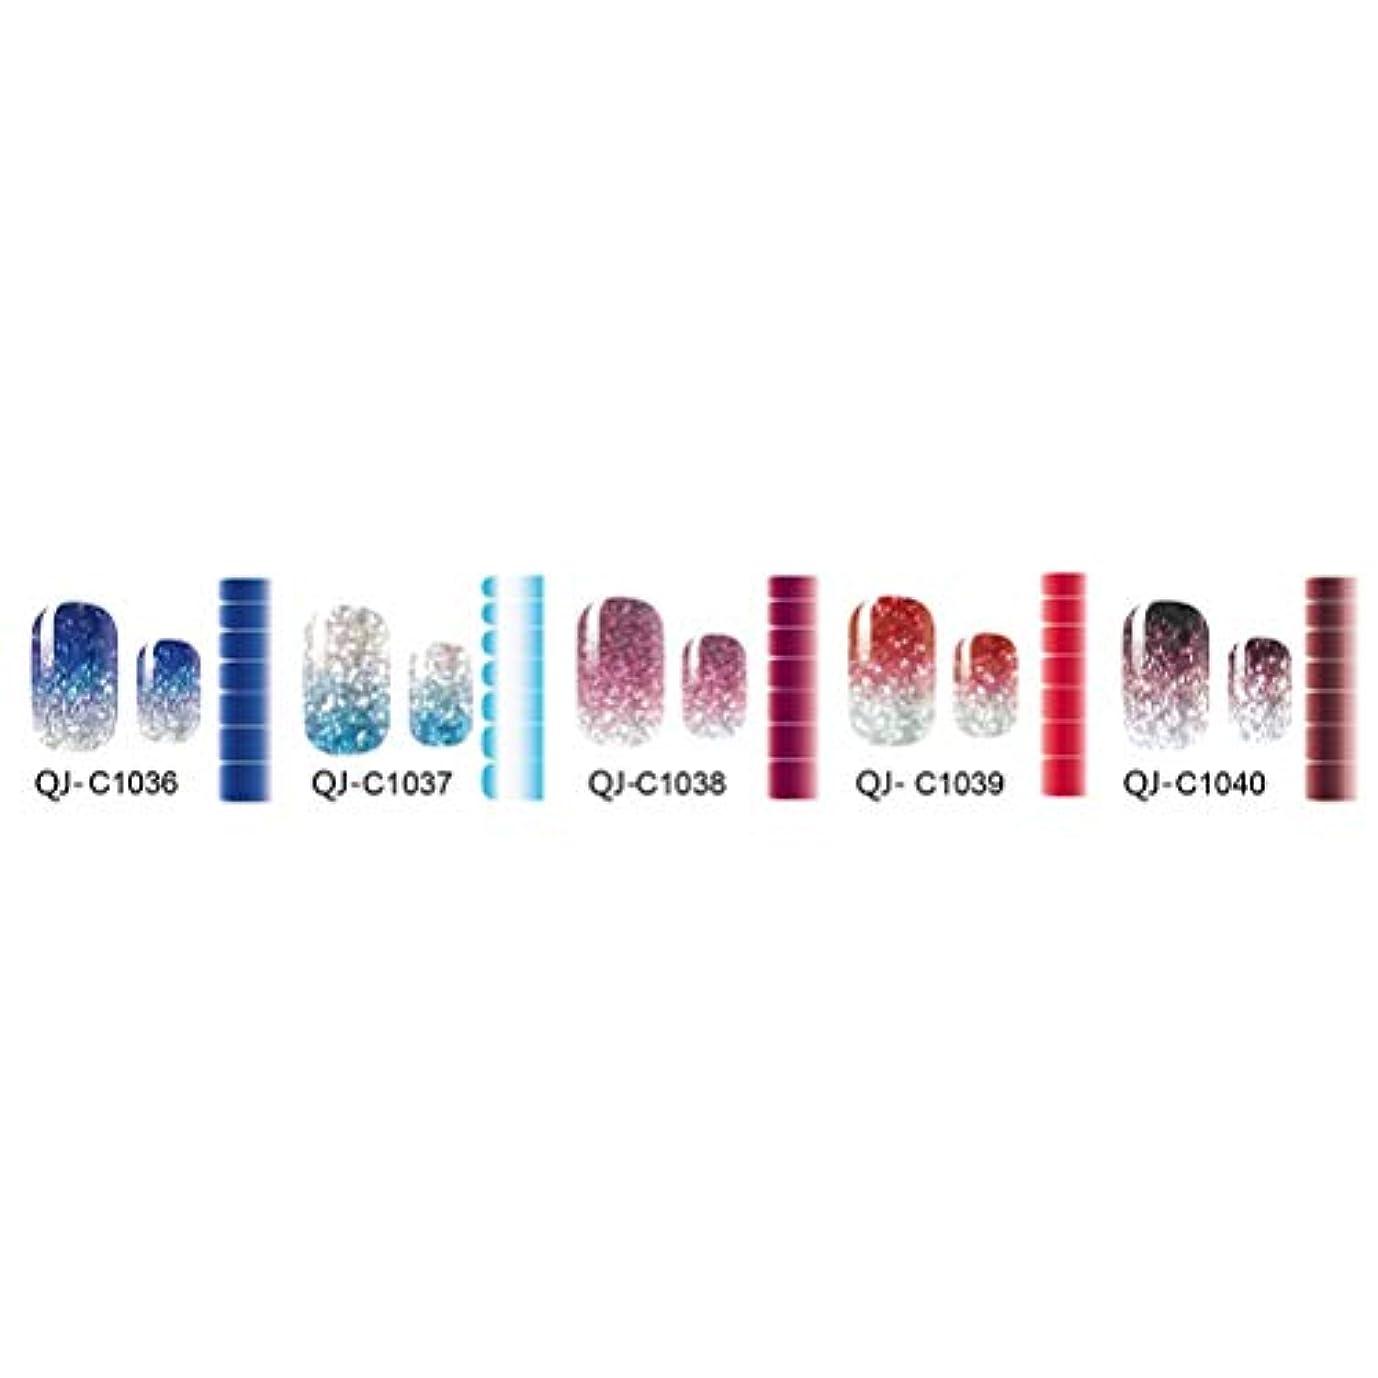 辞書マージエンジニアリングBeaupretty 5枚フルネイルアートポーランドステッカーシニーグリッターデザインネイルポリッシュラップストリップ用女性女の子